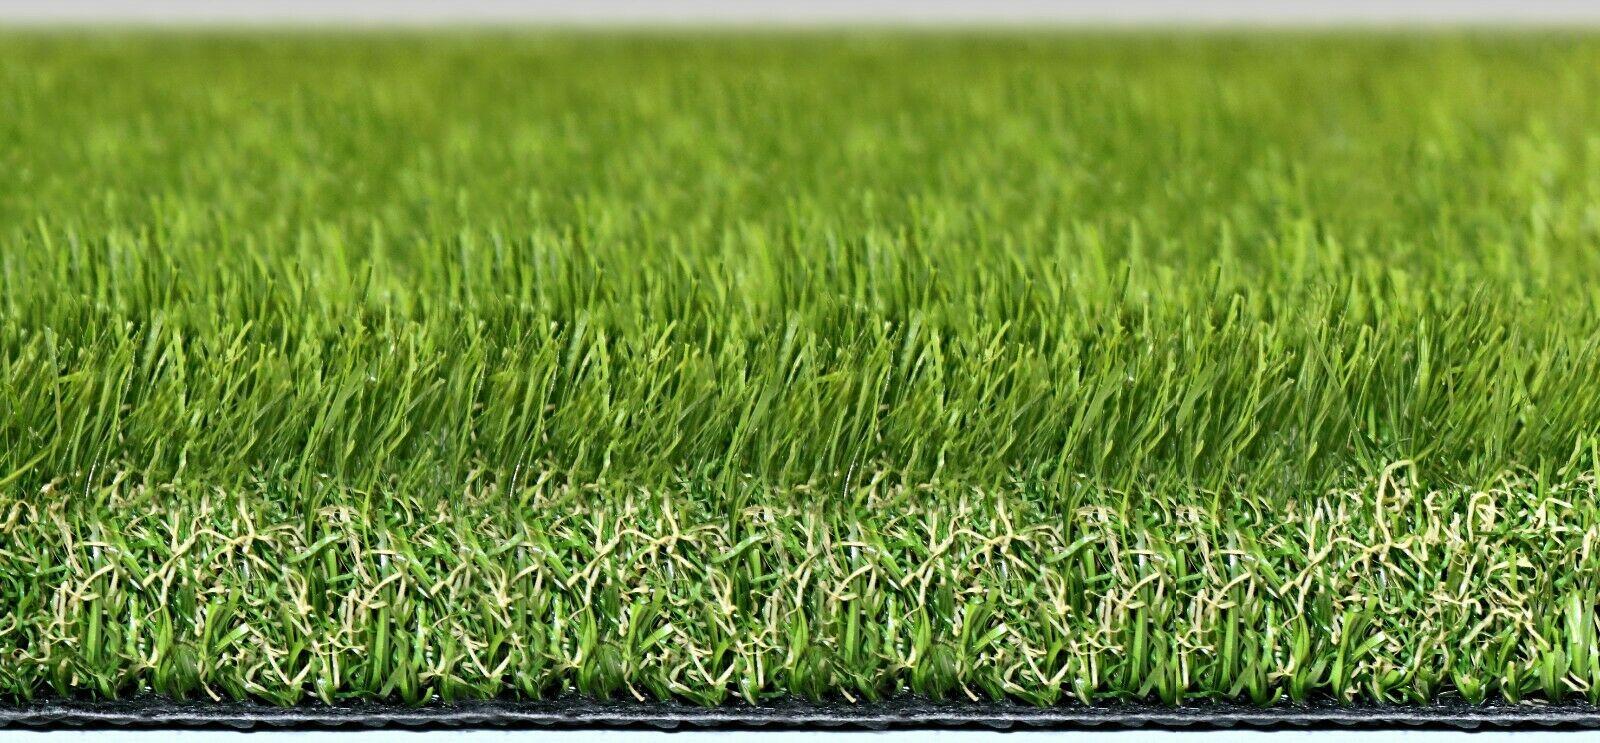 Cuba 40mm 5 Metre Width Artificial Grass